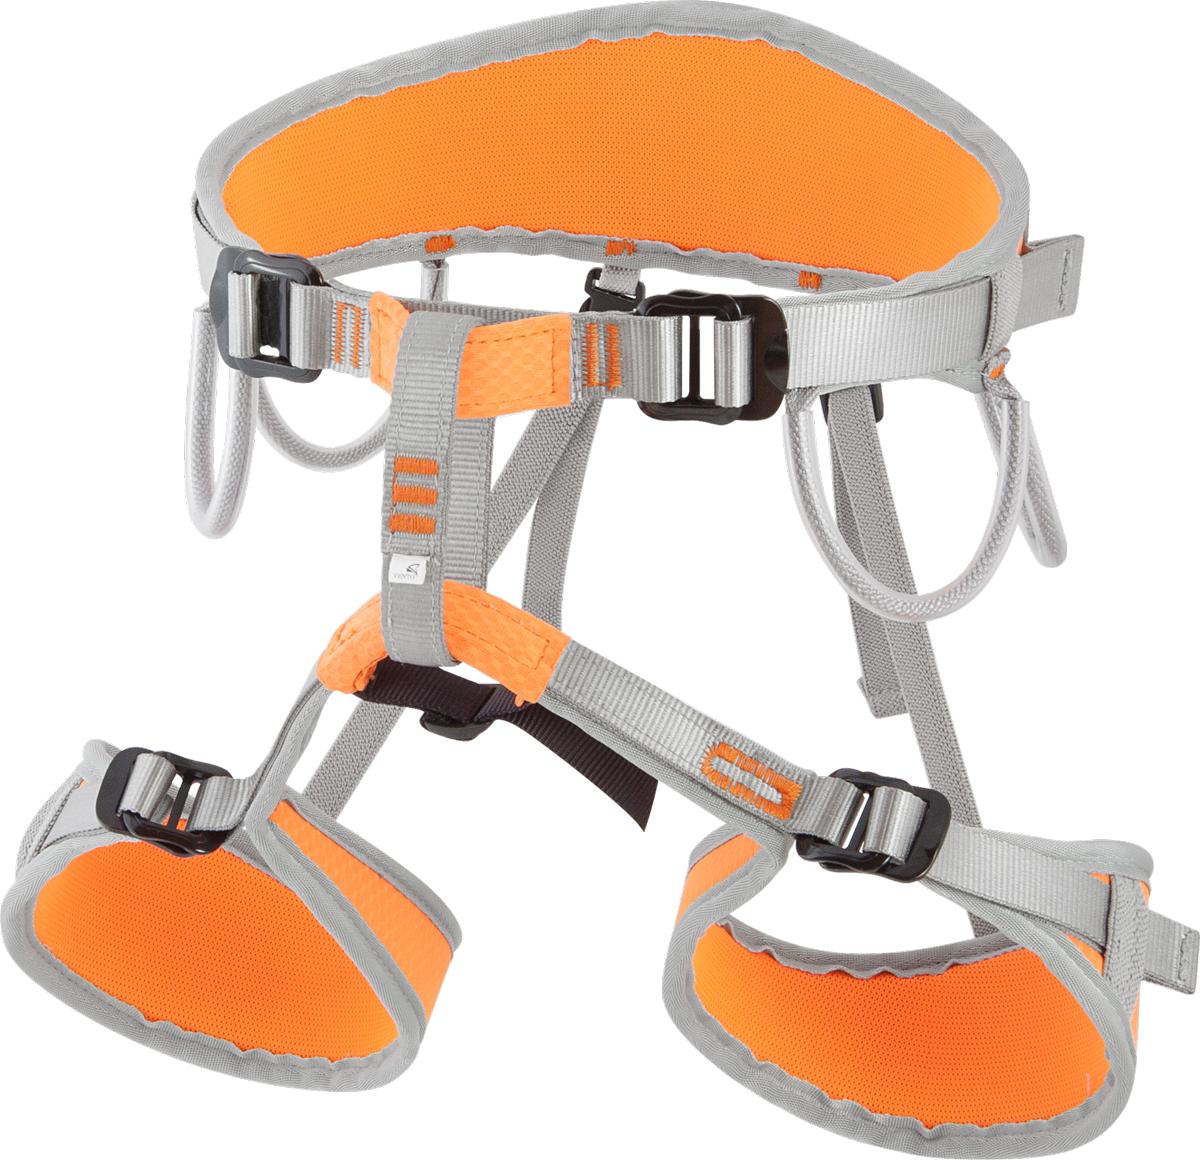 Система страховочная Vento  Argon Toxic , цвет: оранжевый, размер M/L - Альпинизм и скалолазание